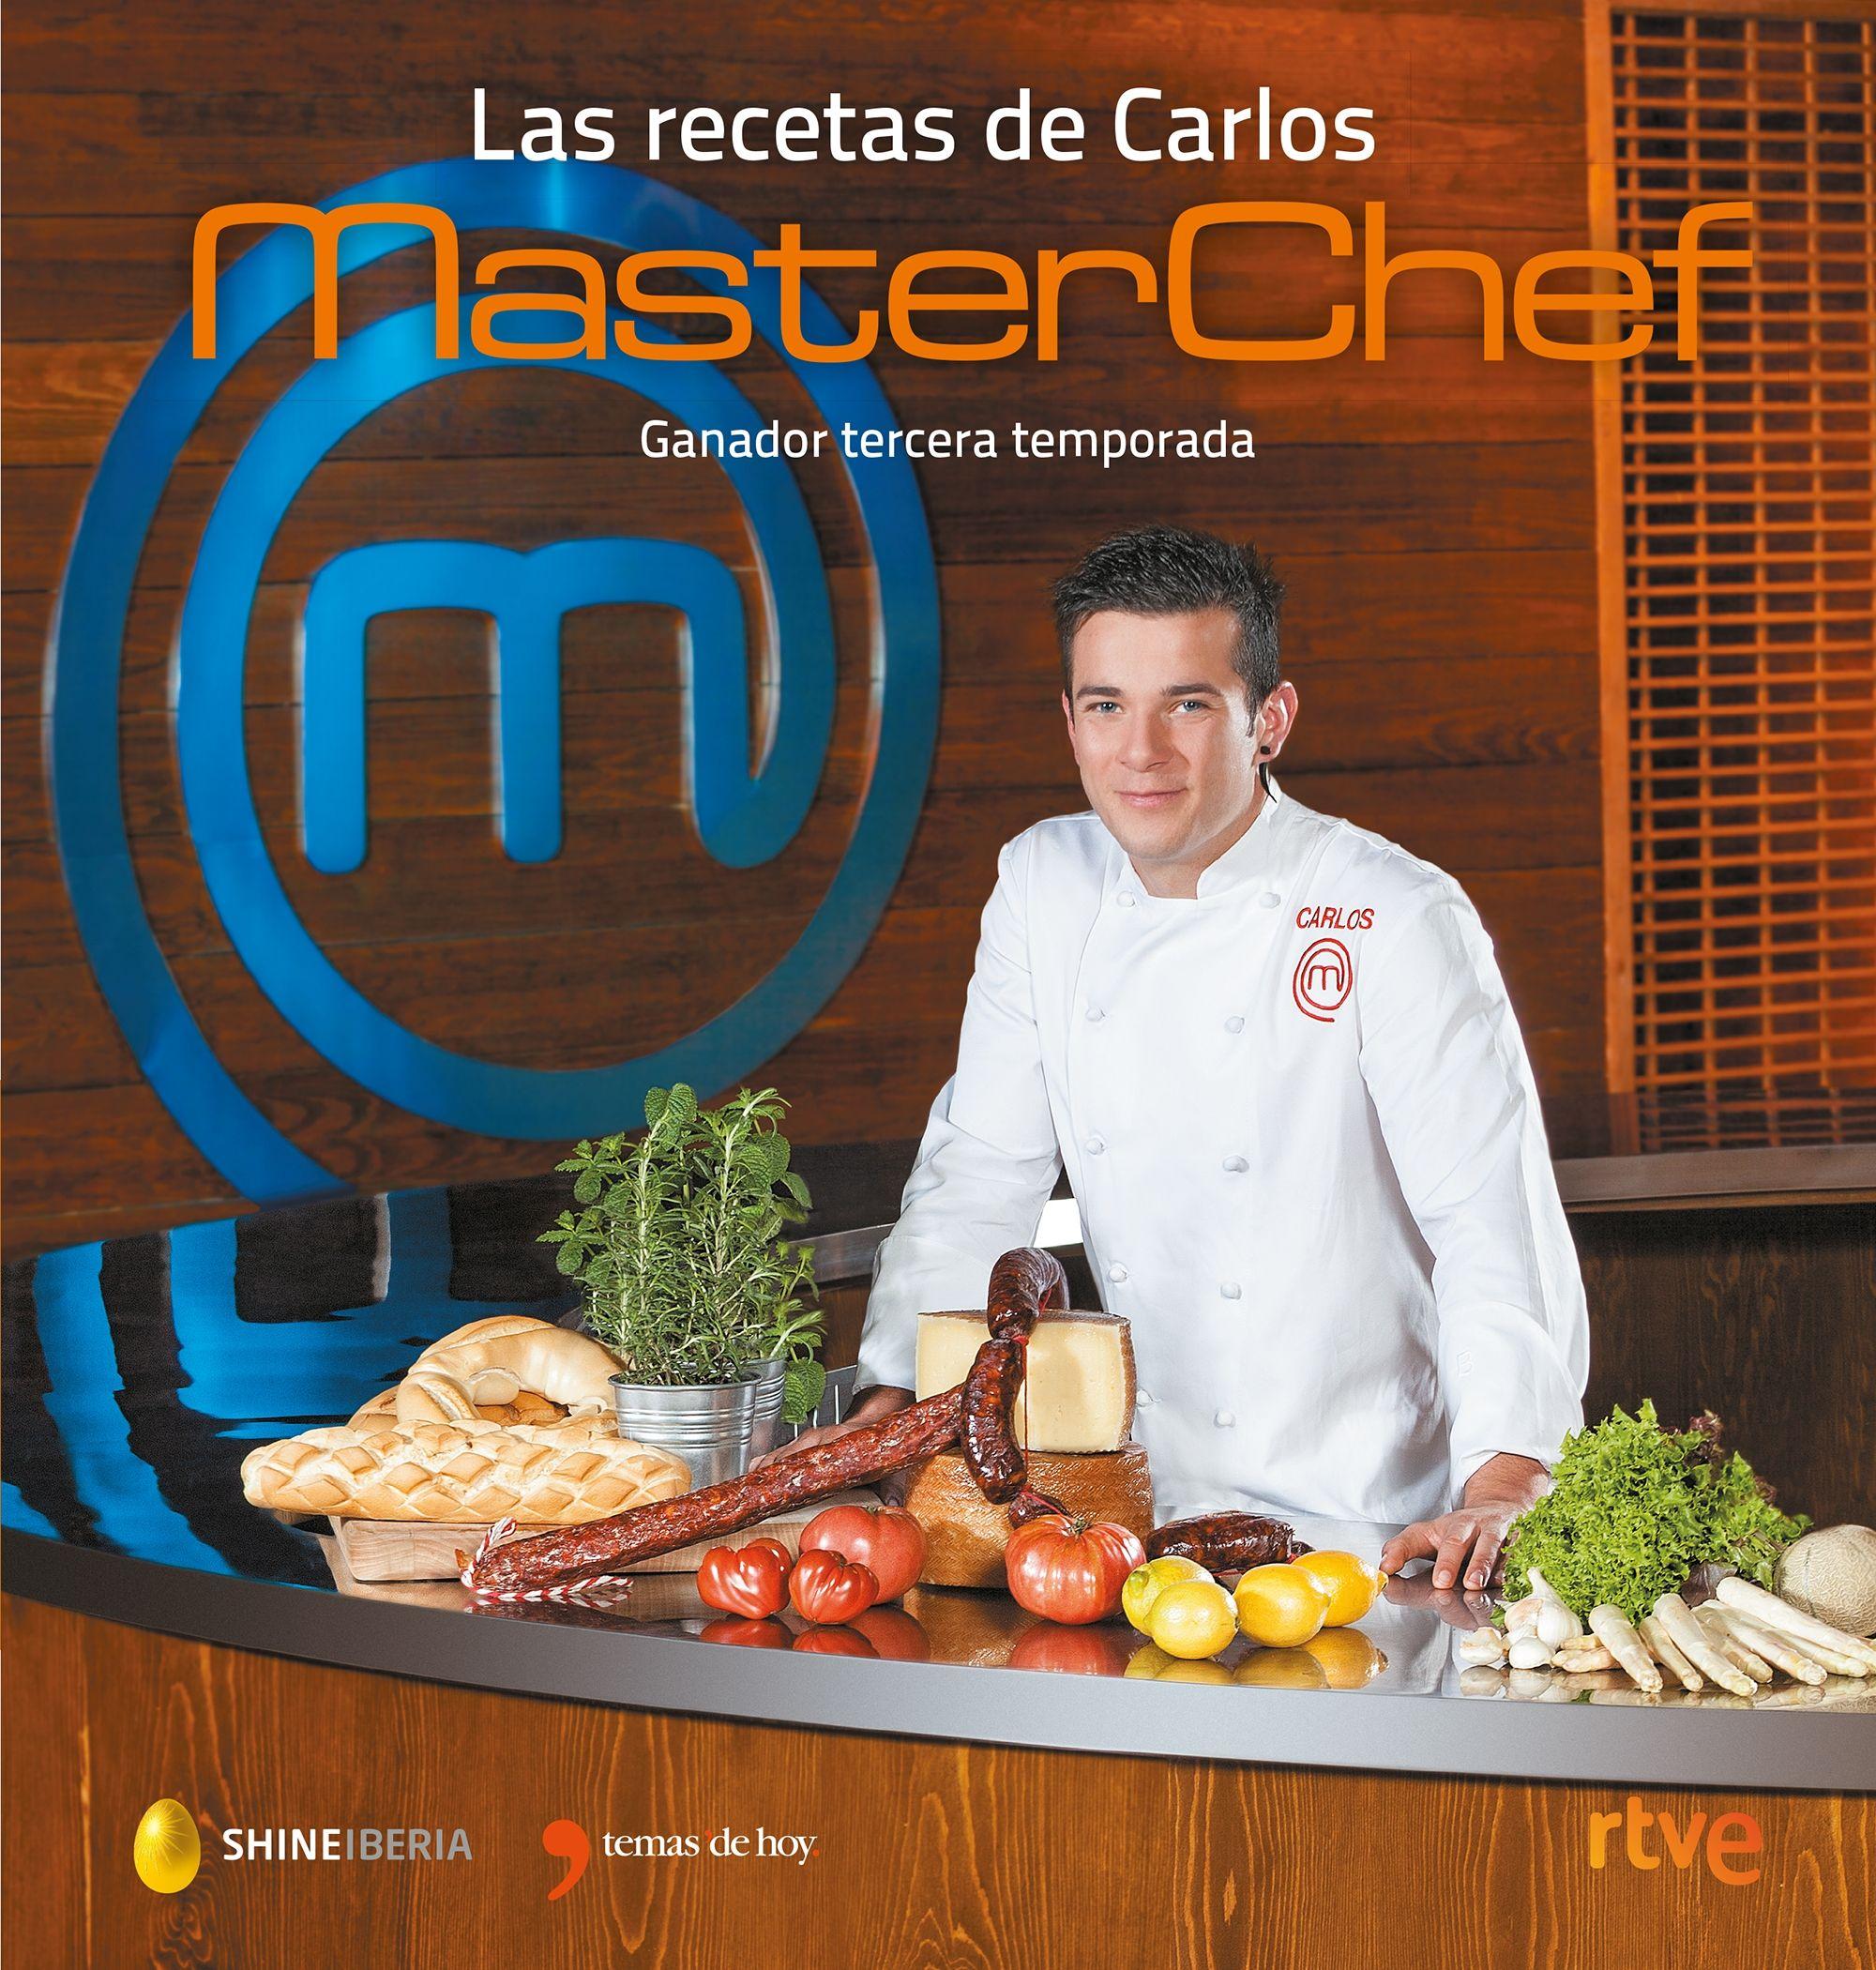 Recetas De Cocina Masterchef | Las Recetas De Carlos Masterchef Planeta De Libros